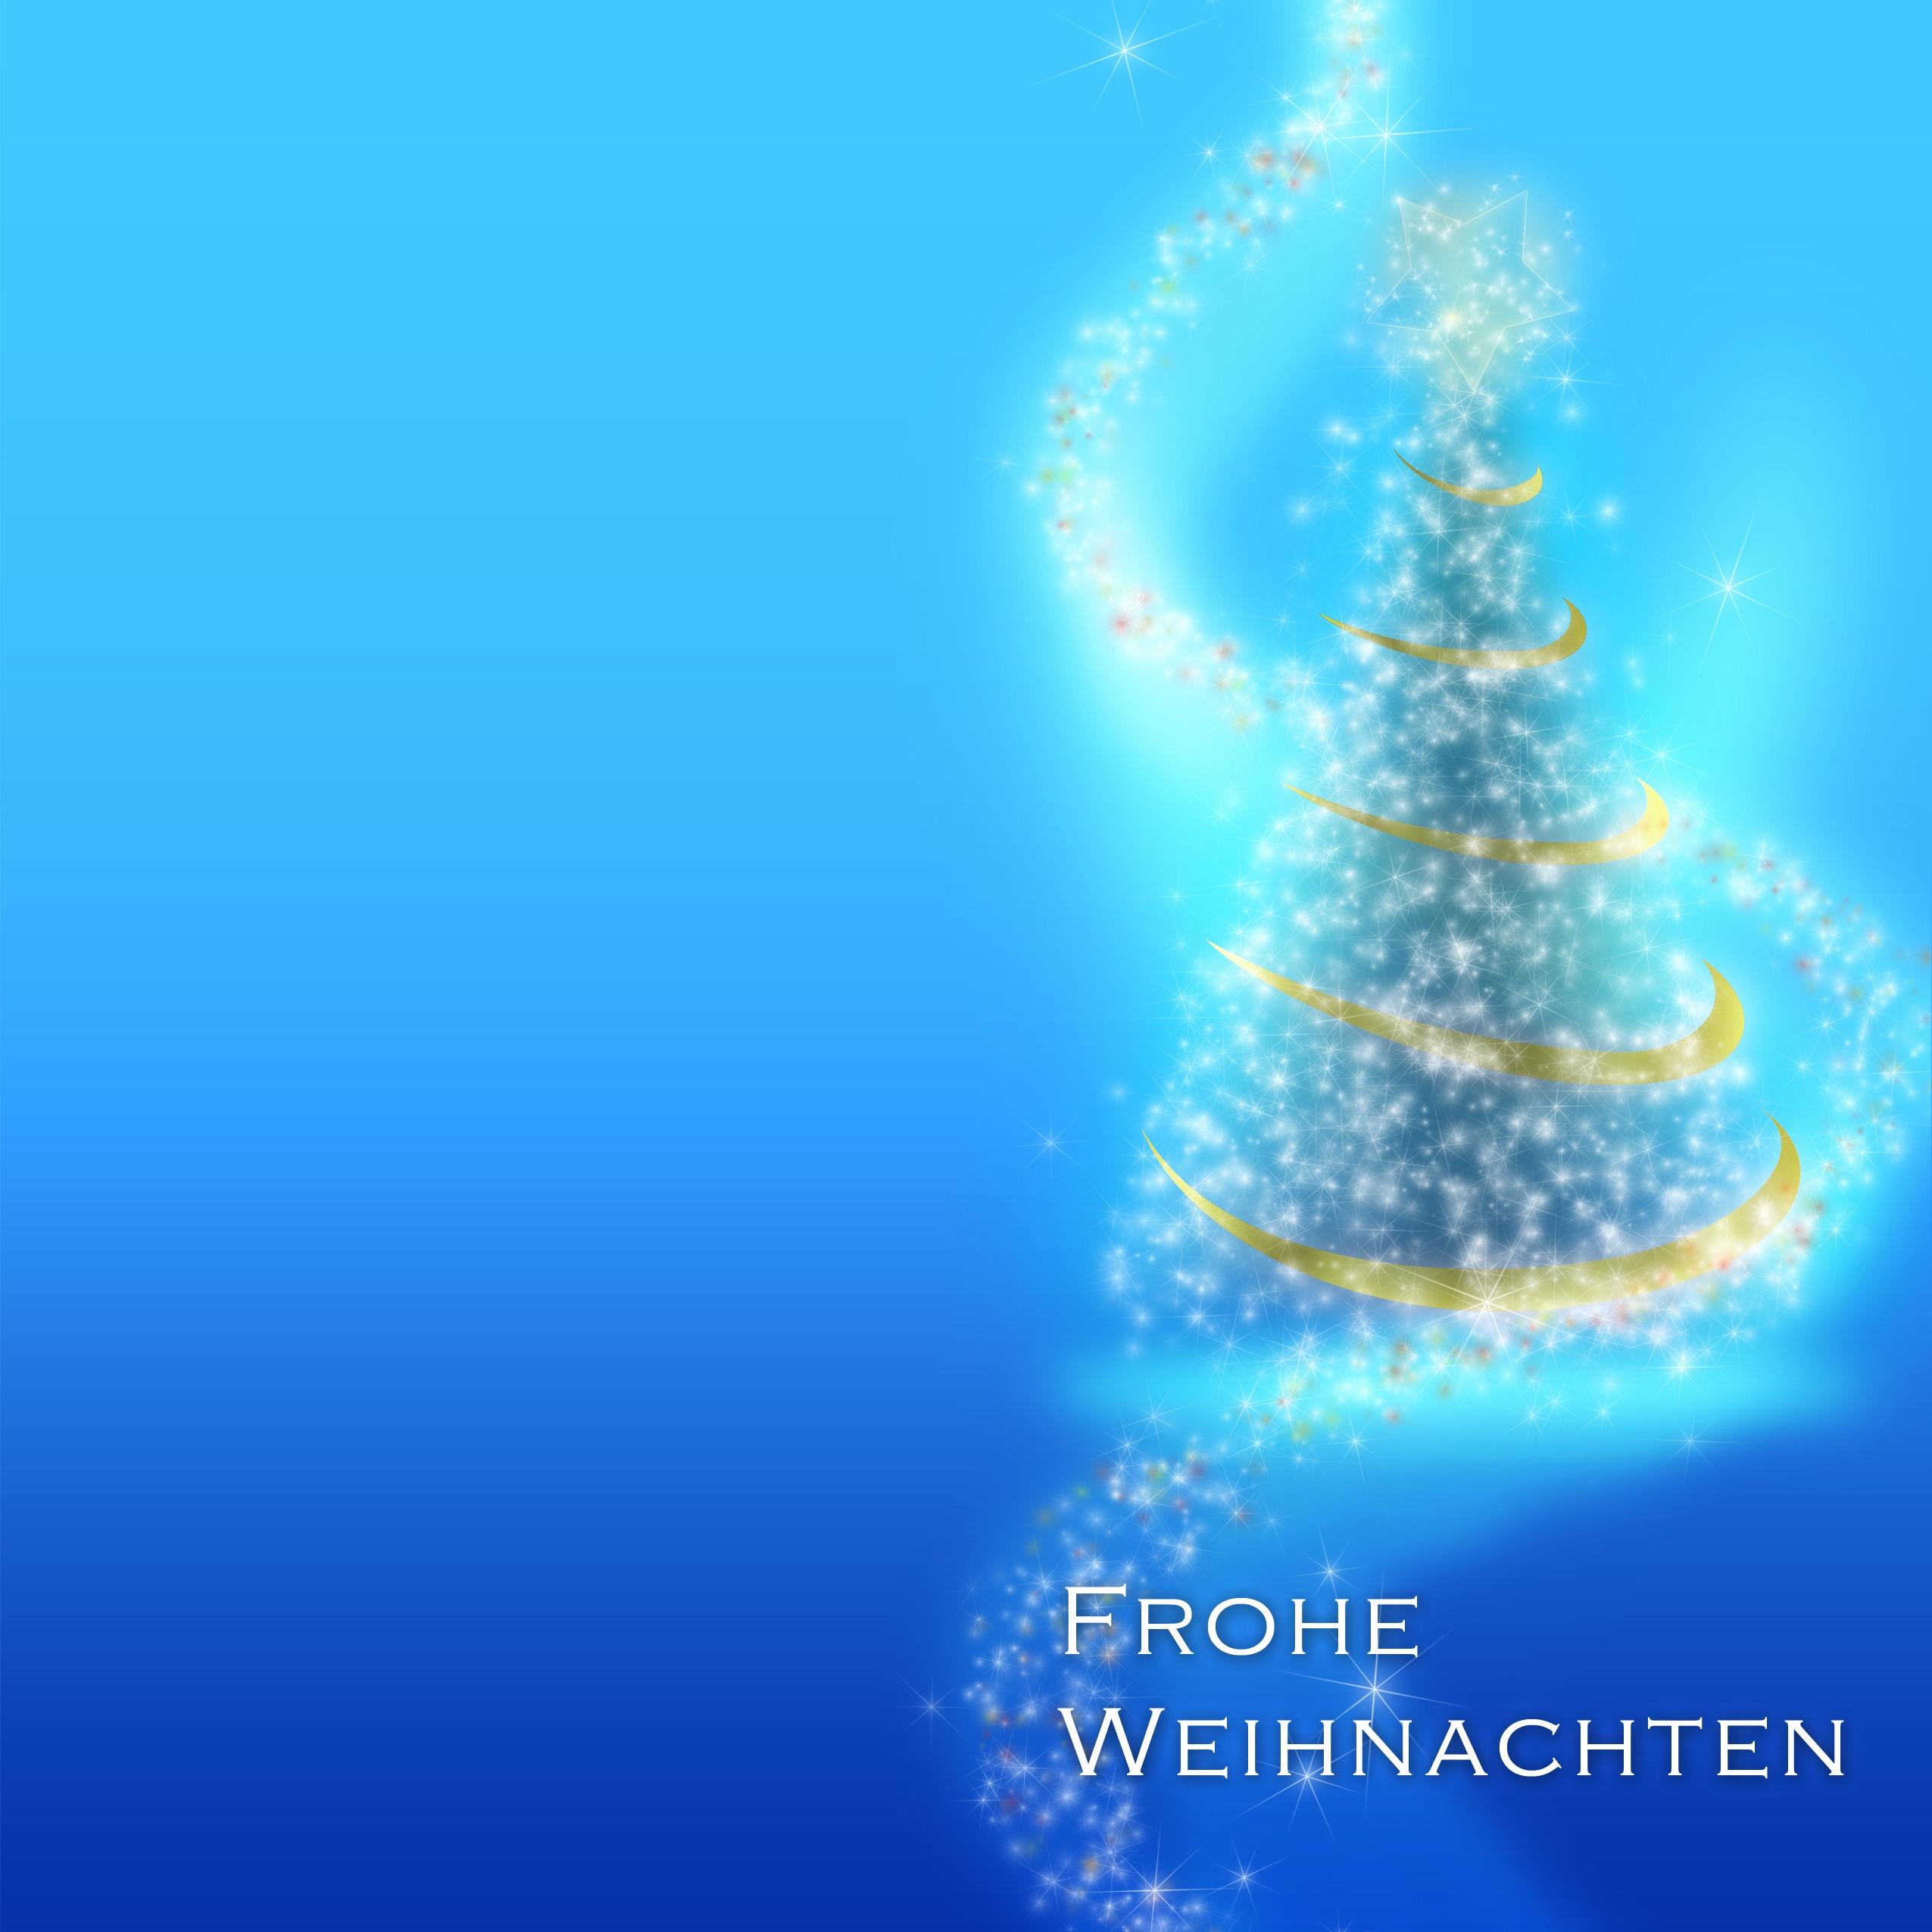 Briefpapier Weihnachten Kostenlos Ausdrucken Frisch Vorlagen bei Weihnachtsbriefpapier Kostenlos Ausdrucken